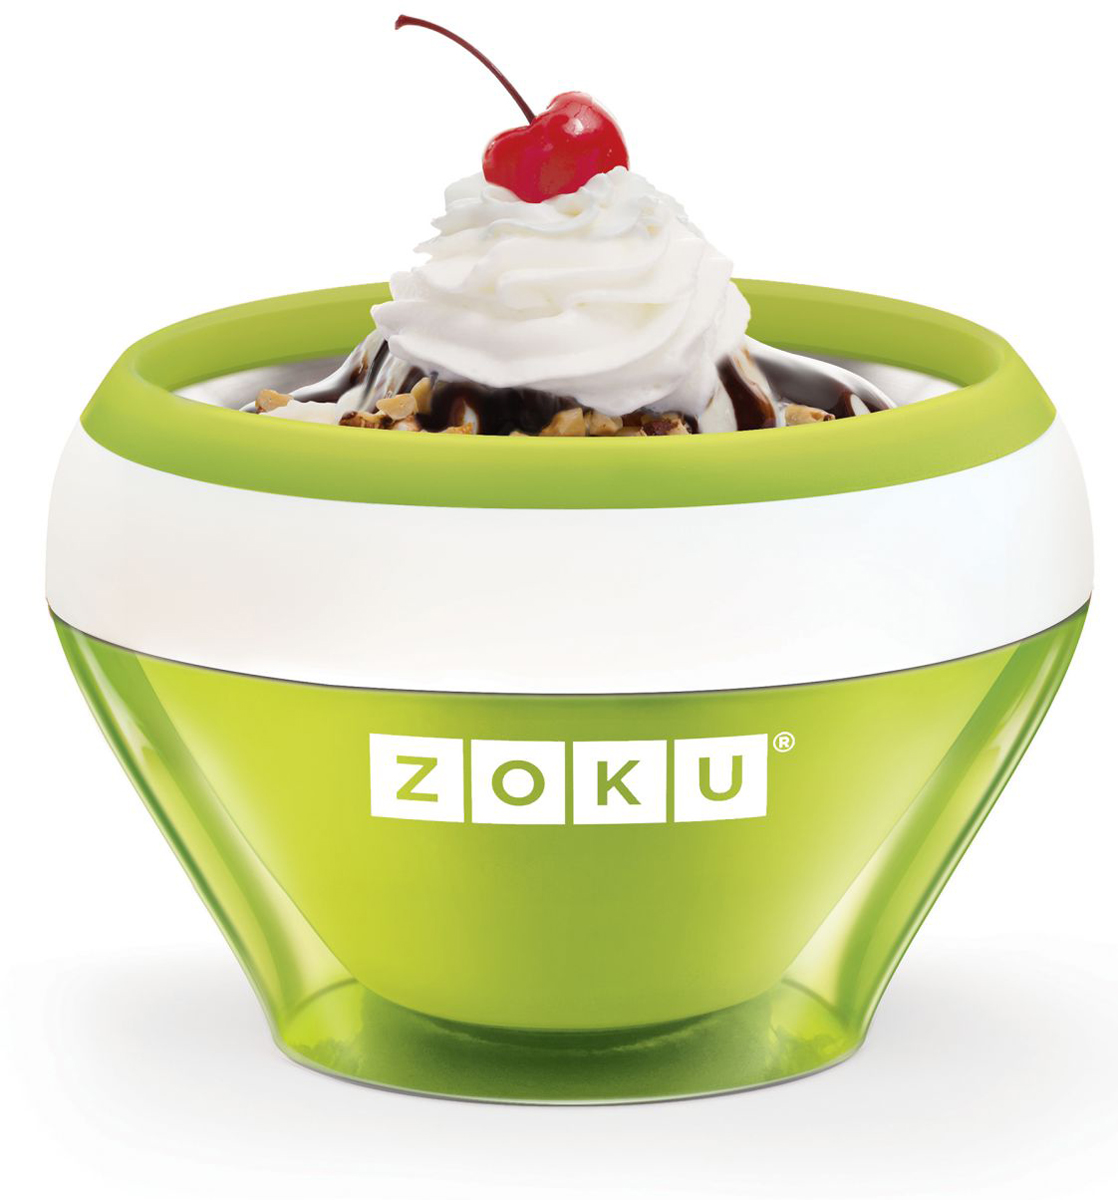 Мороженица Zoku Ice Cream Maker, цвет: зеленый, 150 мл. ZK120-GNZK120-GNС помощью компактного Ice Cream Maker вы сможете быстро и без усилий приготовить натуральные домашние десерты: мороженое, сорбет, щербет, замороженный йогурт, заварной крем и прочие лакомства. Почувствуйте себя настоящим профессионалом – создавайте вкусные и полезные десерты на основе натуральных ингредиентов. Комбинируйте вкусовые добавки и украшайте готовое мороженое фруктами, сладкими или пряными присыпками, орехами и шоколадом. Как использовать: 1. Поместите внутреннюю пустую форму в морозильную камеру на двенадцать и более часов. Форма должна быть абсолютно сухой и располагаться вертикально.2. Через двенадцать часов верните её во внешний корпус и наполните желаемыми продуктами. Все ингредиенты должны быть охлажденными.3. Сразу начинайте перемешивать массу с помощью специальной ложки. Не давайте краям примерзнуть к форме. Через 7-10 минут ваш десерт готов. Для получения твердого мороженого поместите форму в морозильную камеру на дополнительные 10-15 минут. Объем - 150 мл. Не содержит вредных примесей и бисфенола-А. Не подходит для использования в микроволновой печи. Моется вручную.